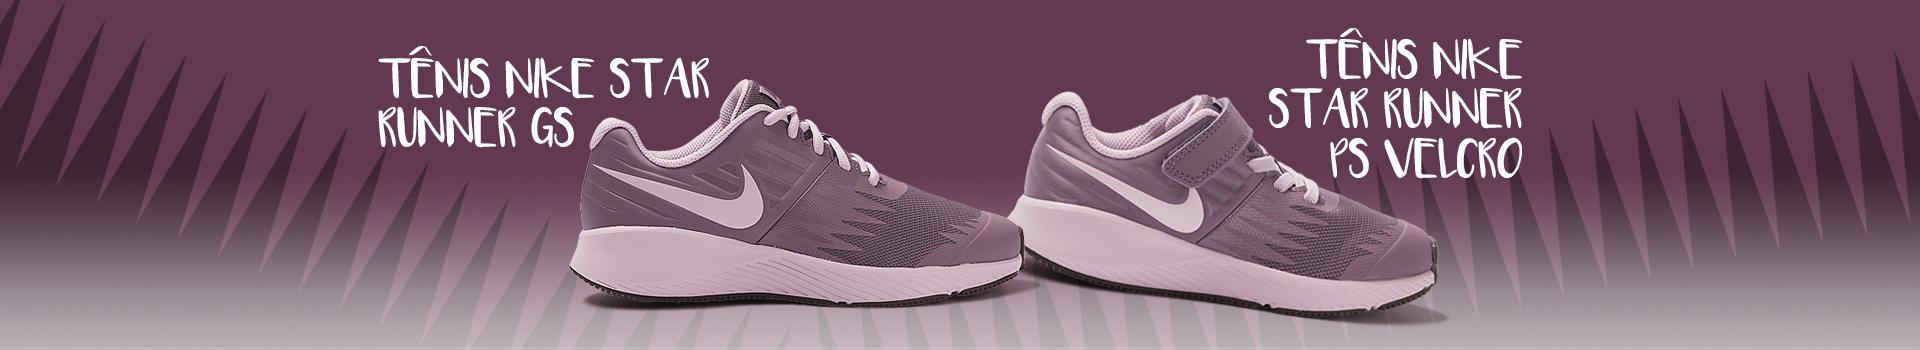 tvdesk_p1-11_10_18-Nike_Star_Runner